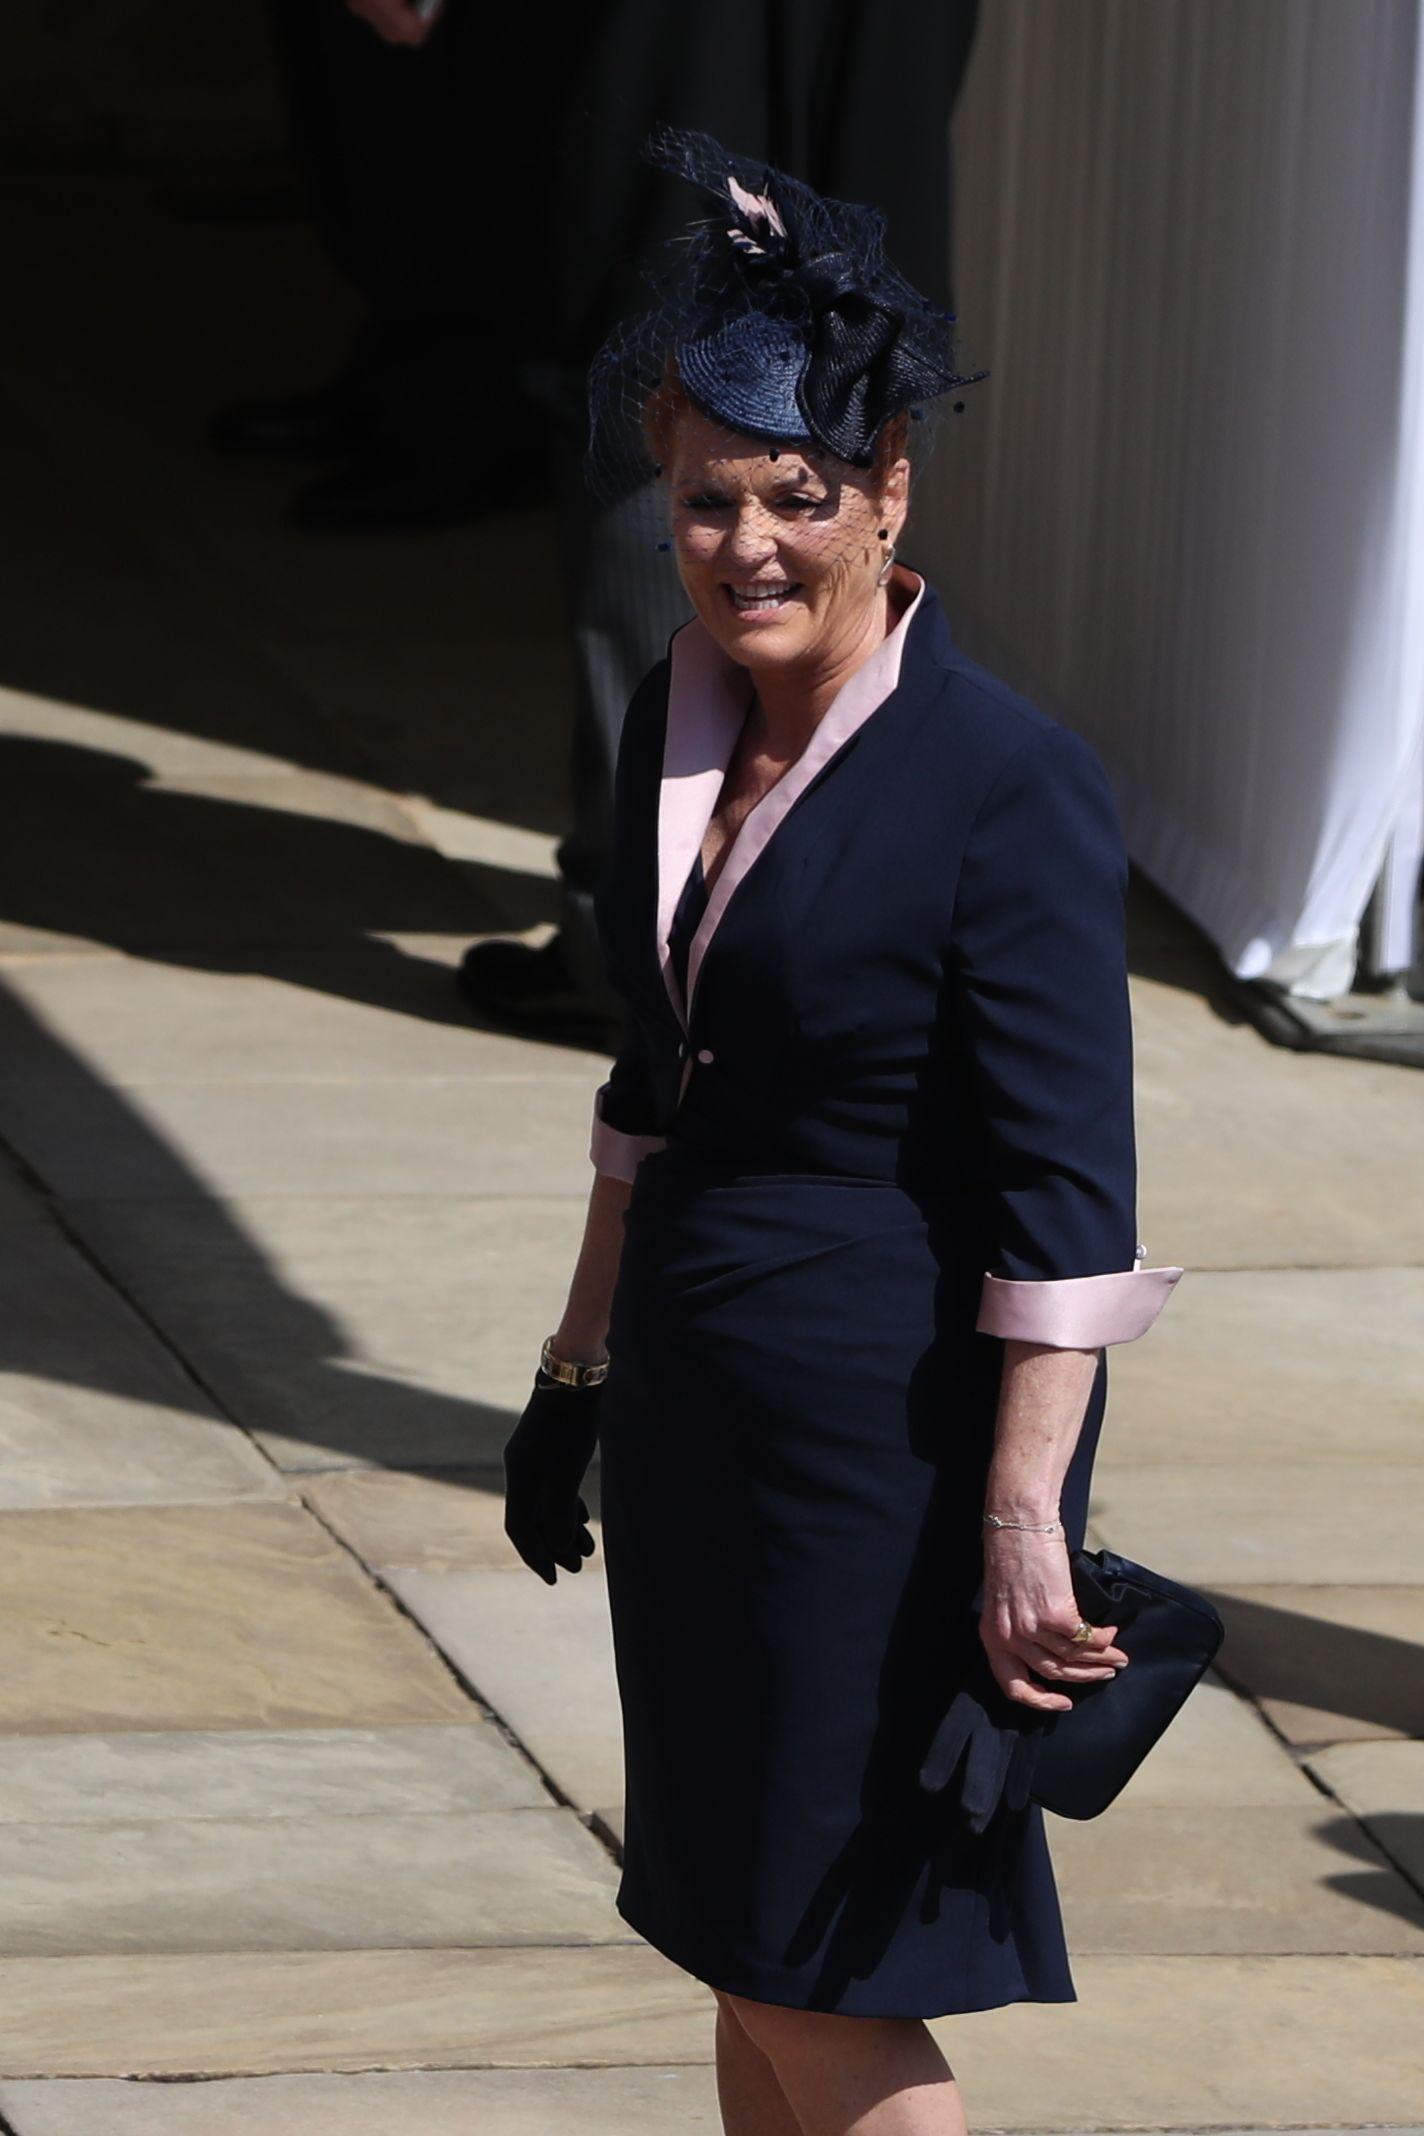 Sarah Ferguson emocionou-se no casamento de Harry ao recordar Diana